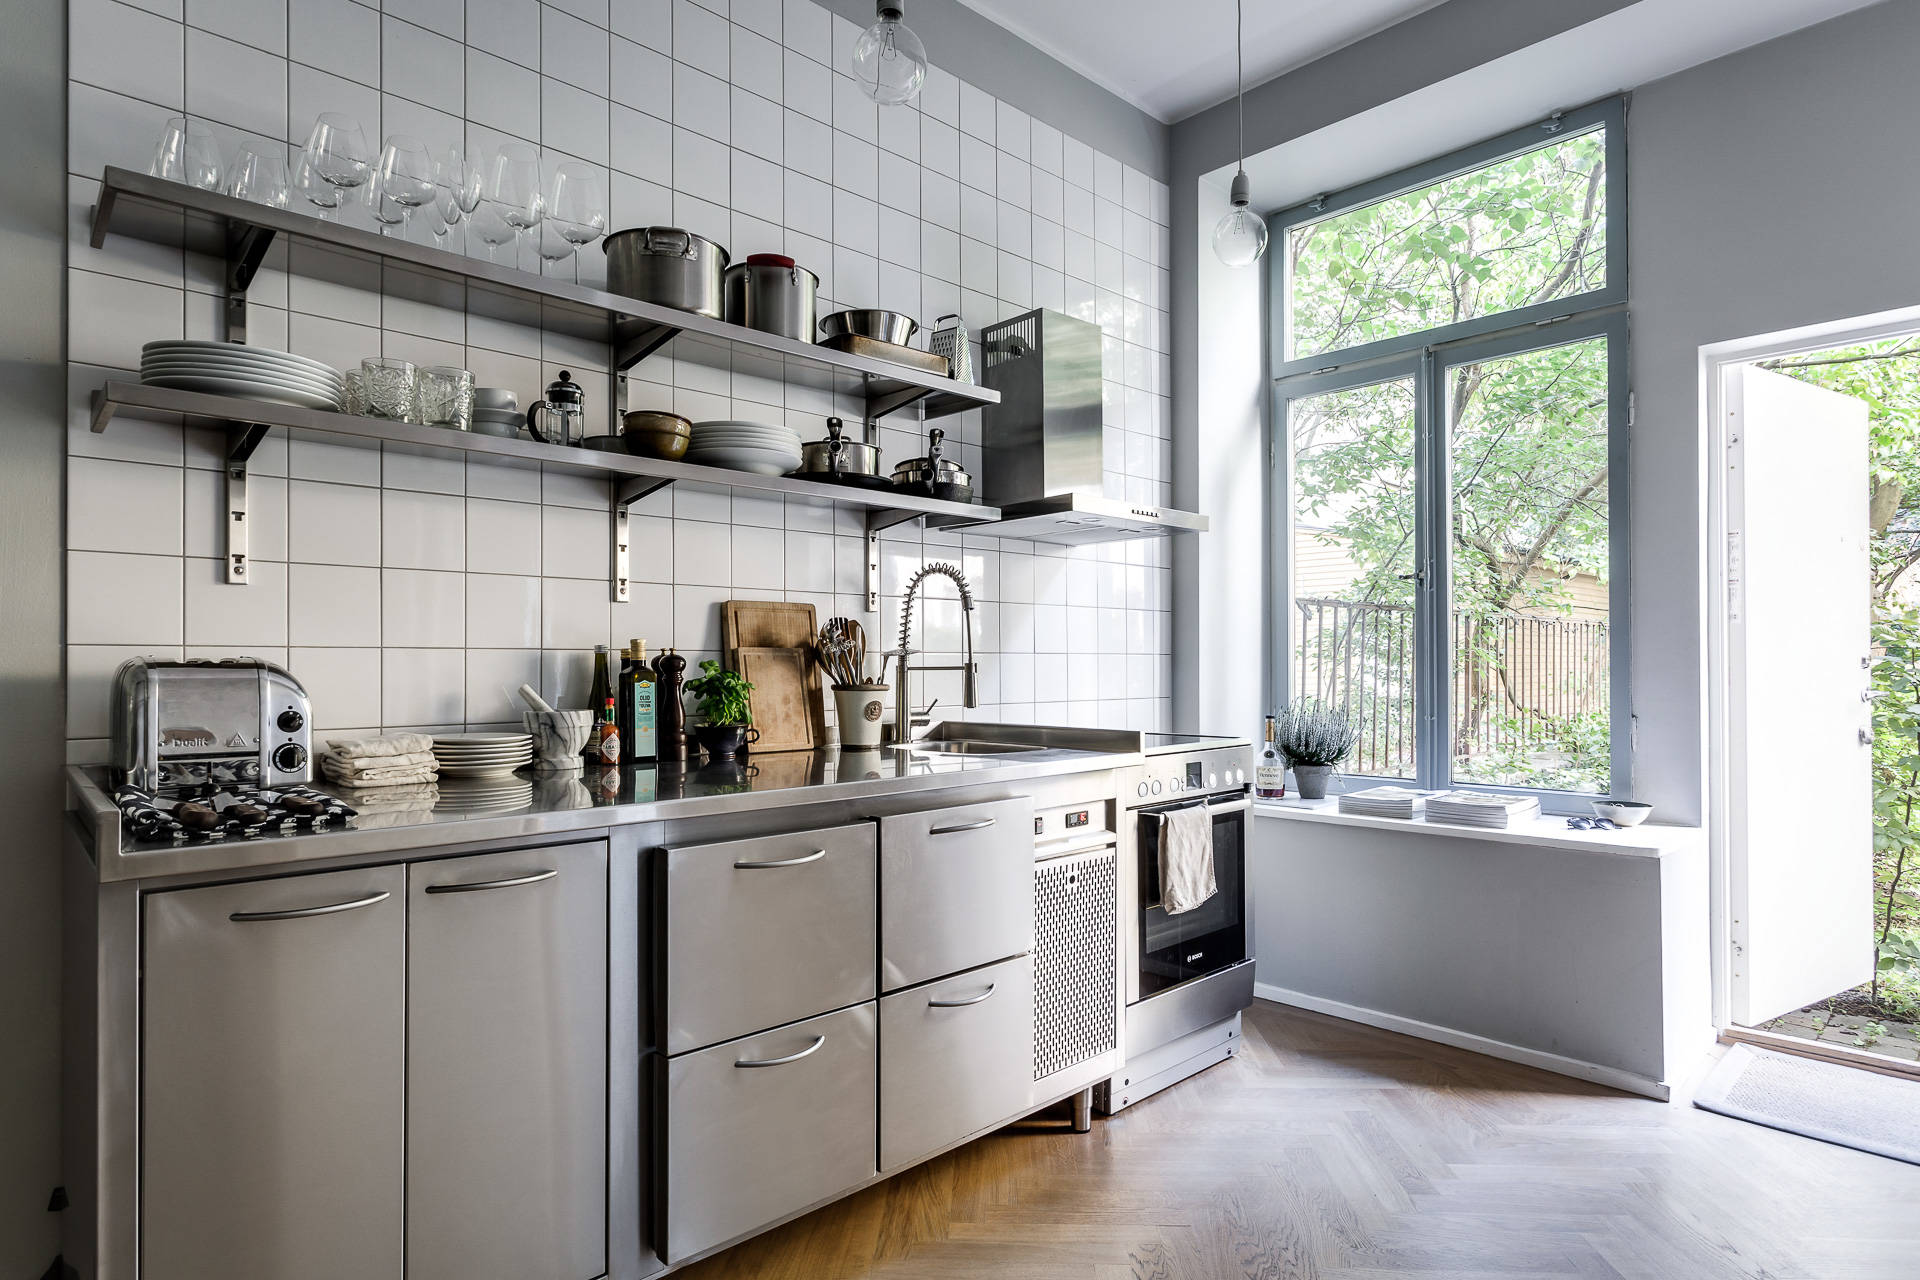 Peque a cocina inspirada en una profesional blog tienda for Medidas de cocina industrial